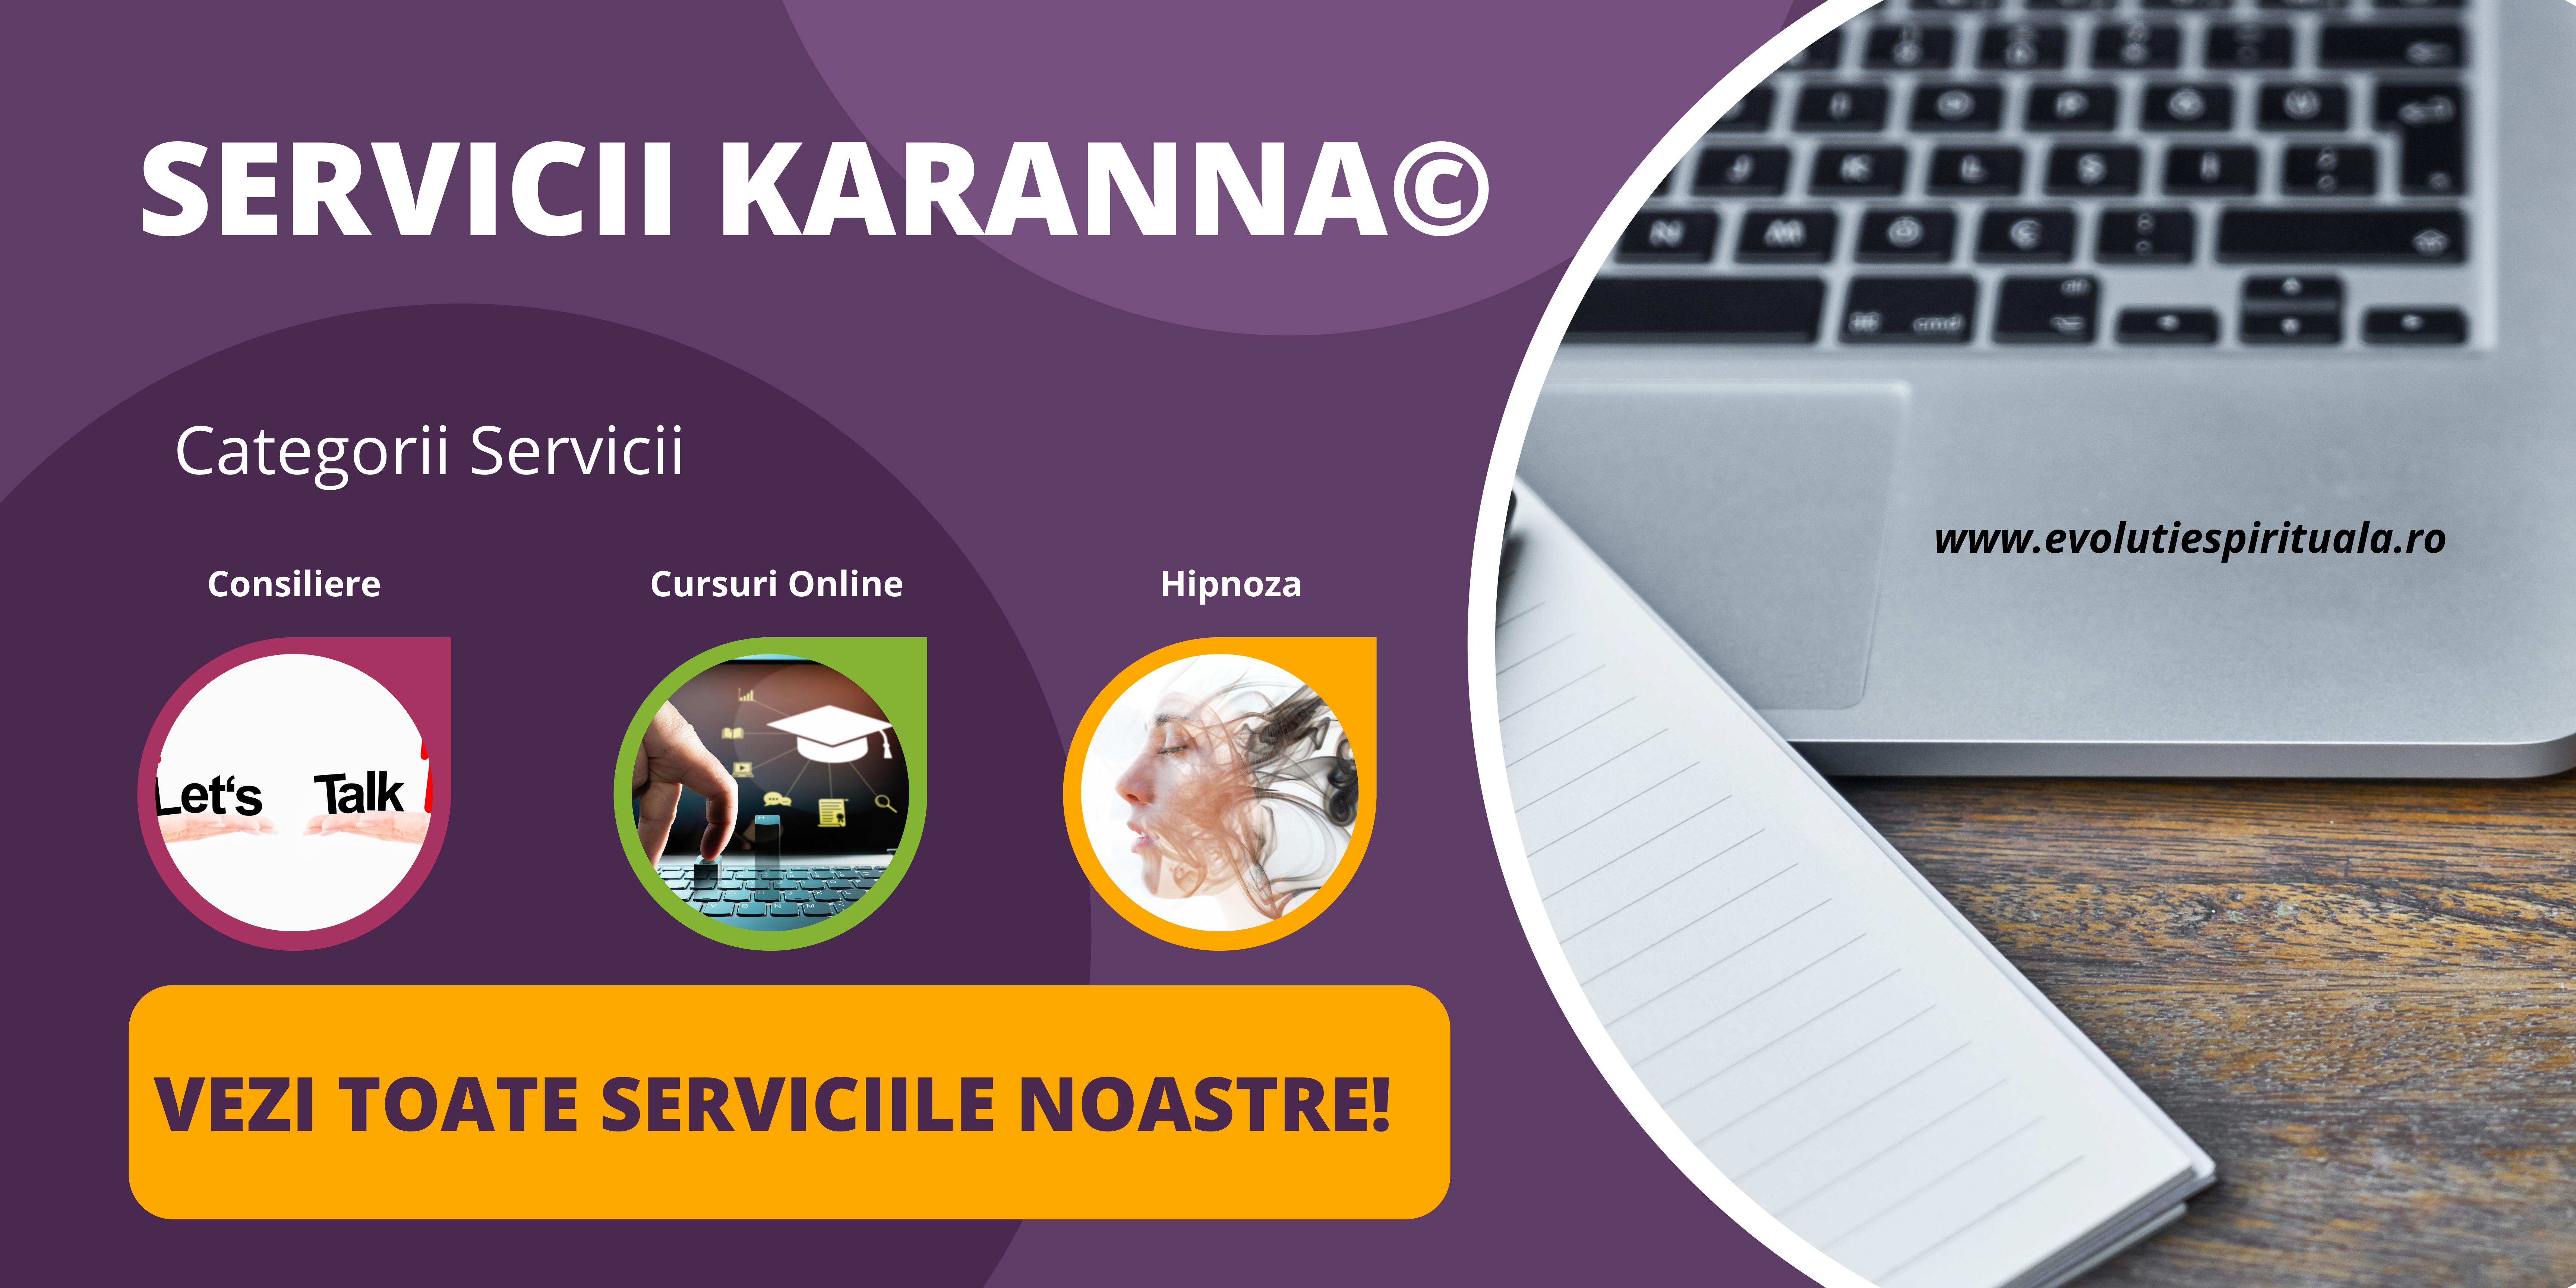 Servicii Karanna Banner